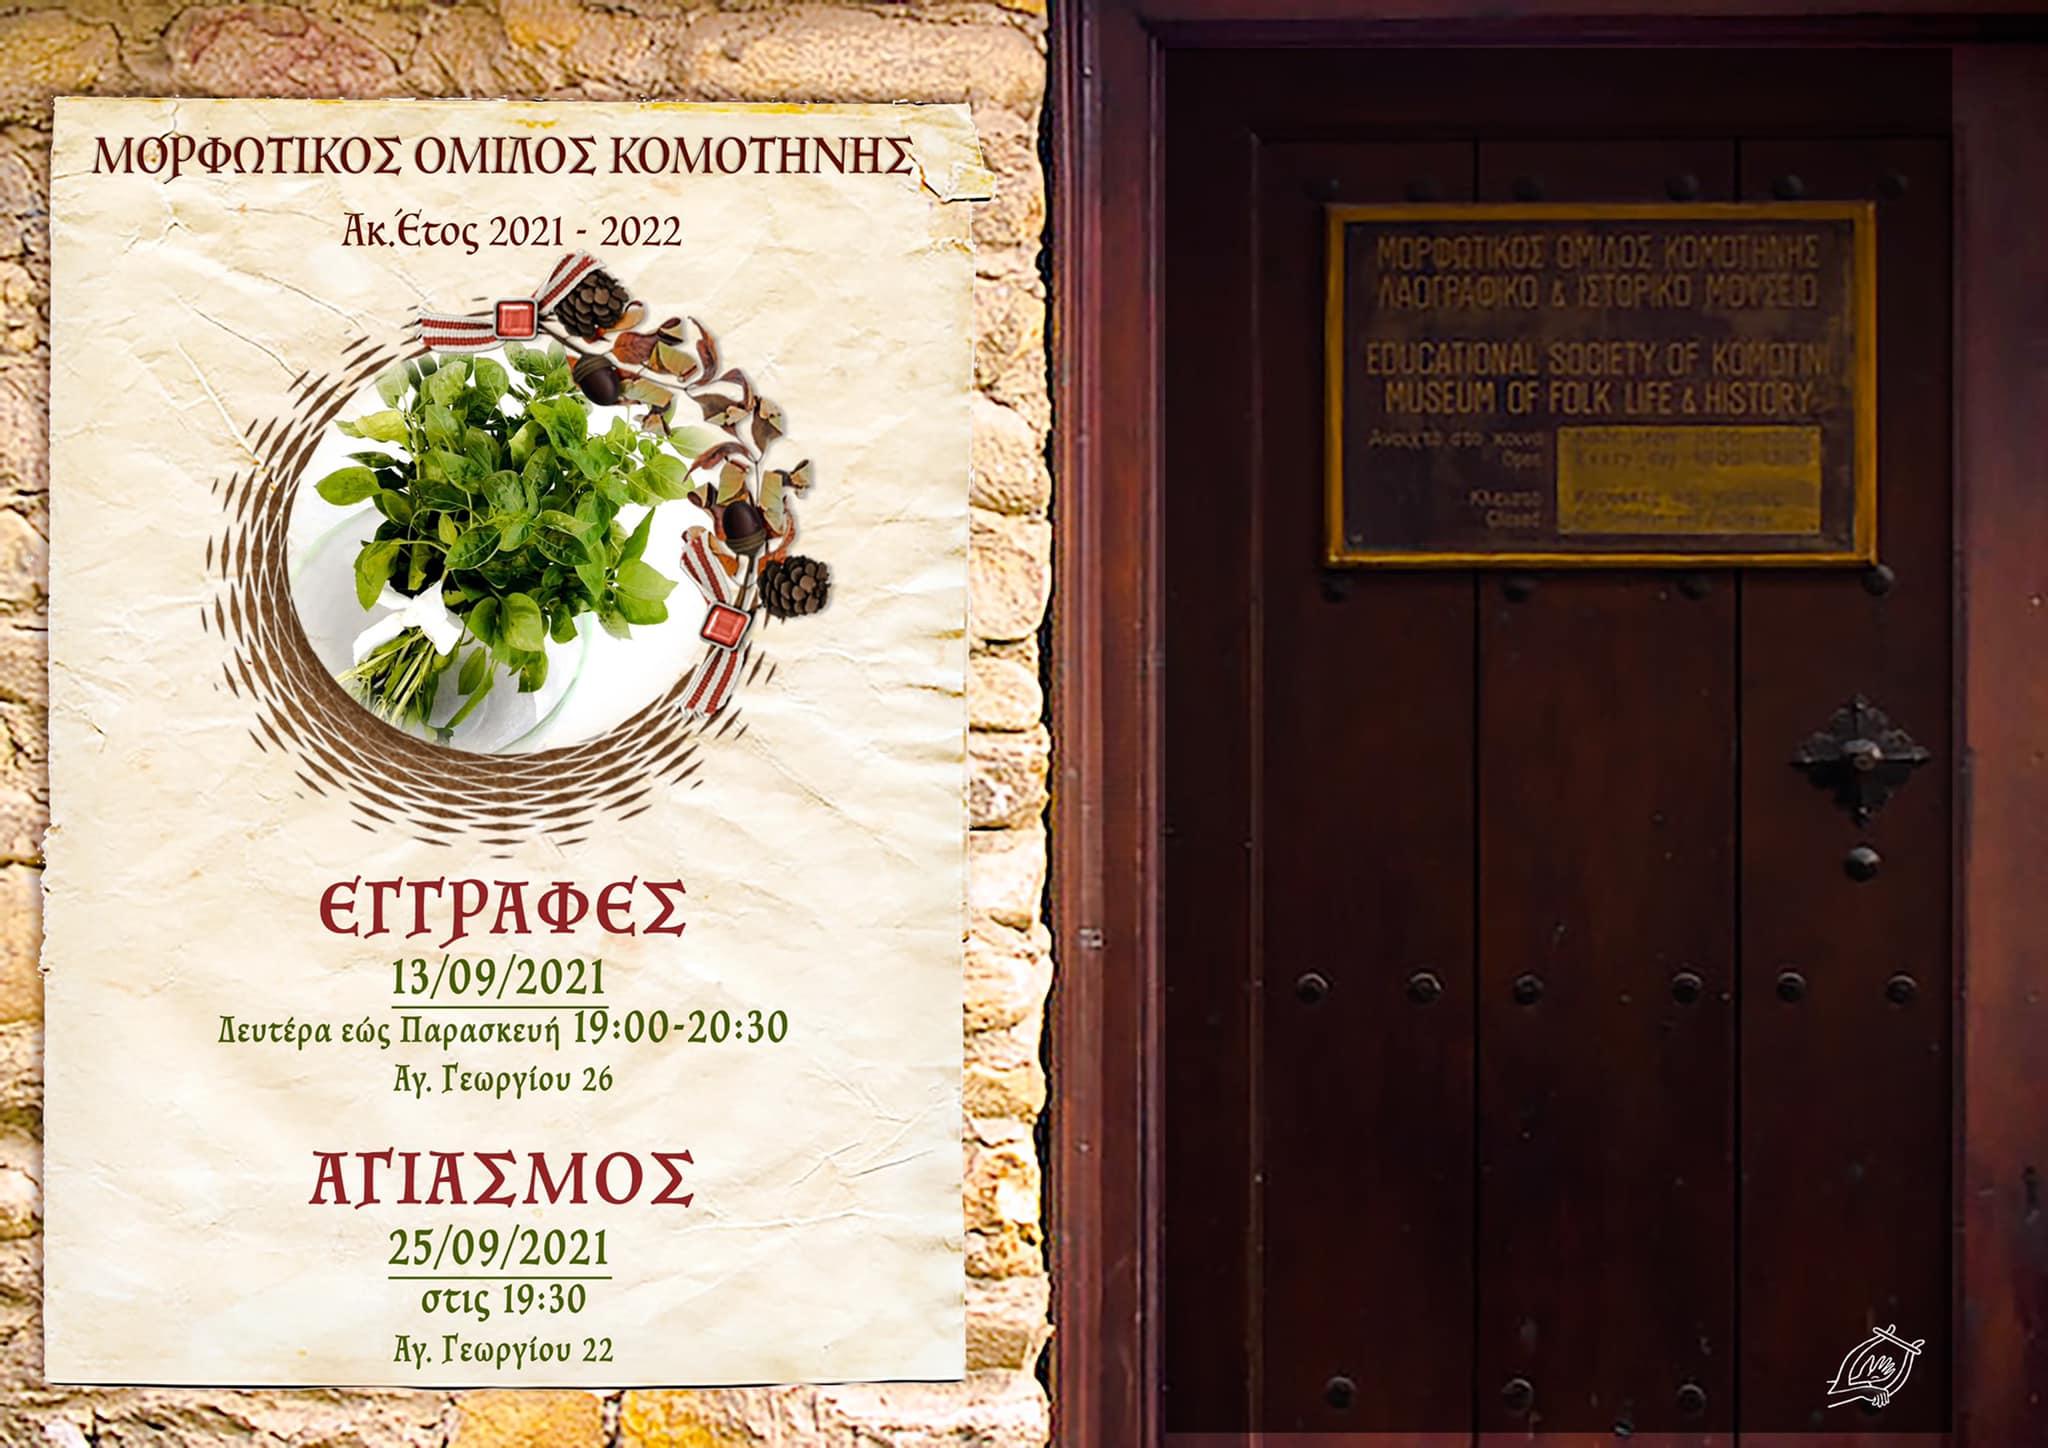 Εγγραφές στη σχολή ελληνικών παραδοσιακών χορών στο Μορφωτικό Όμιλο Κομοτηνής